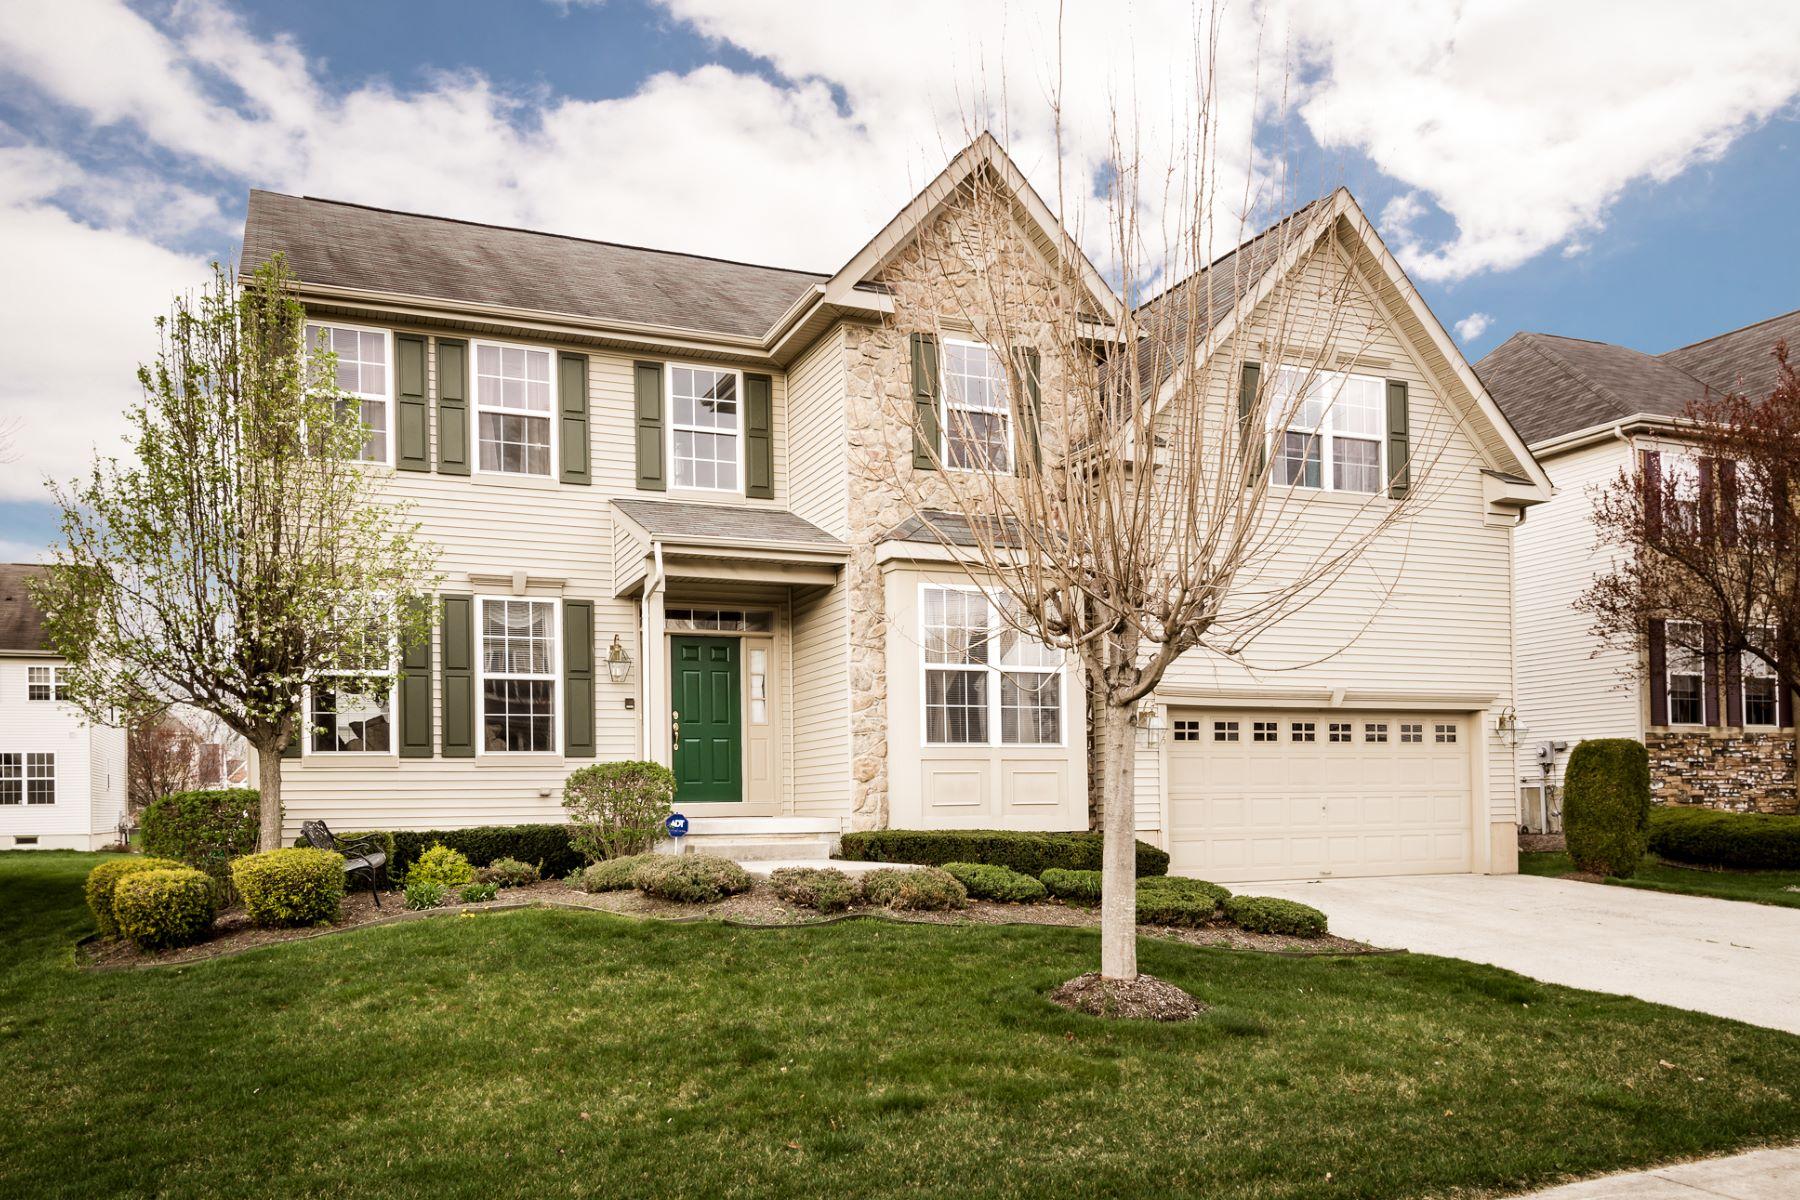 Частный односемейный дом для того Продажа на Elegant Bordentown Home 22 Ridgewood Drive Bordentown, 08505 Соединенные Штаты